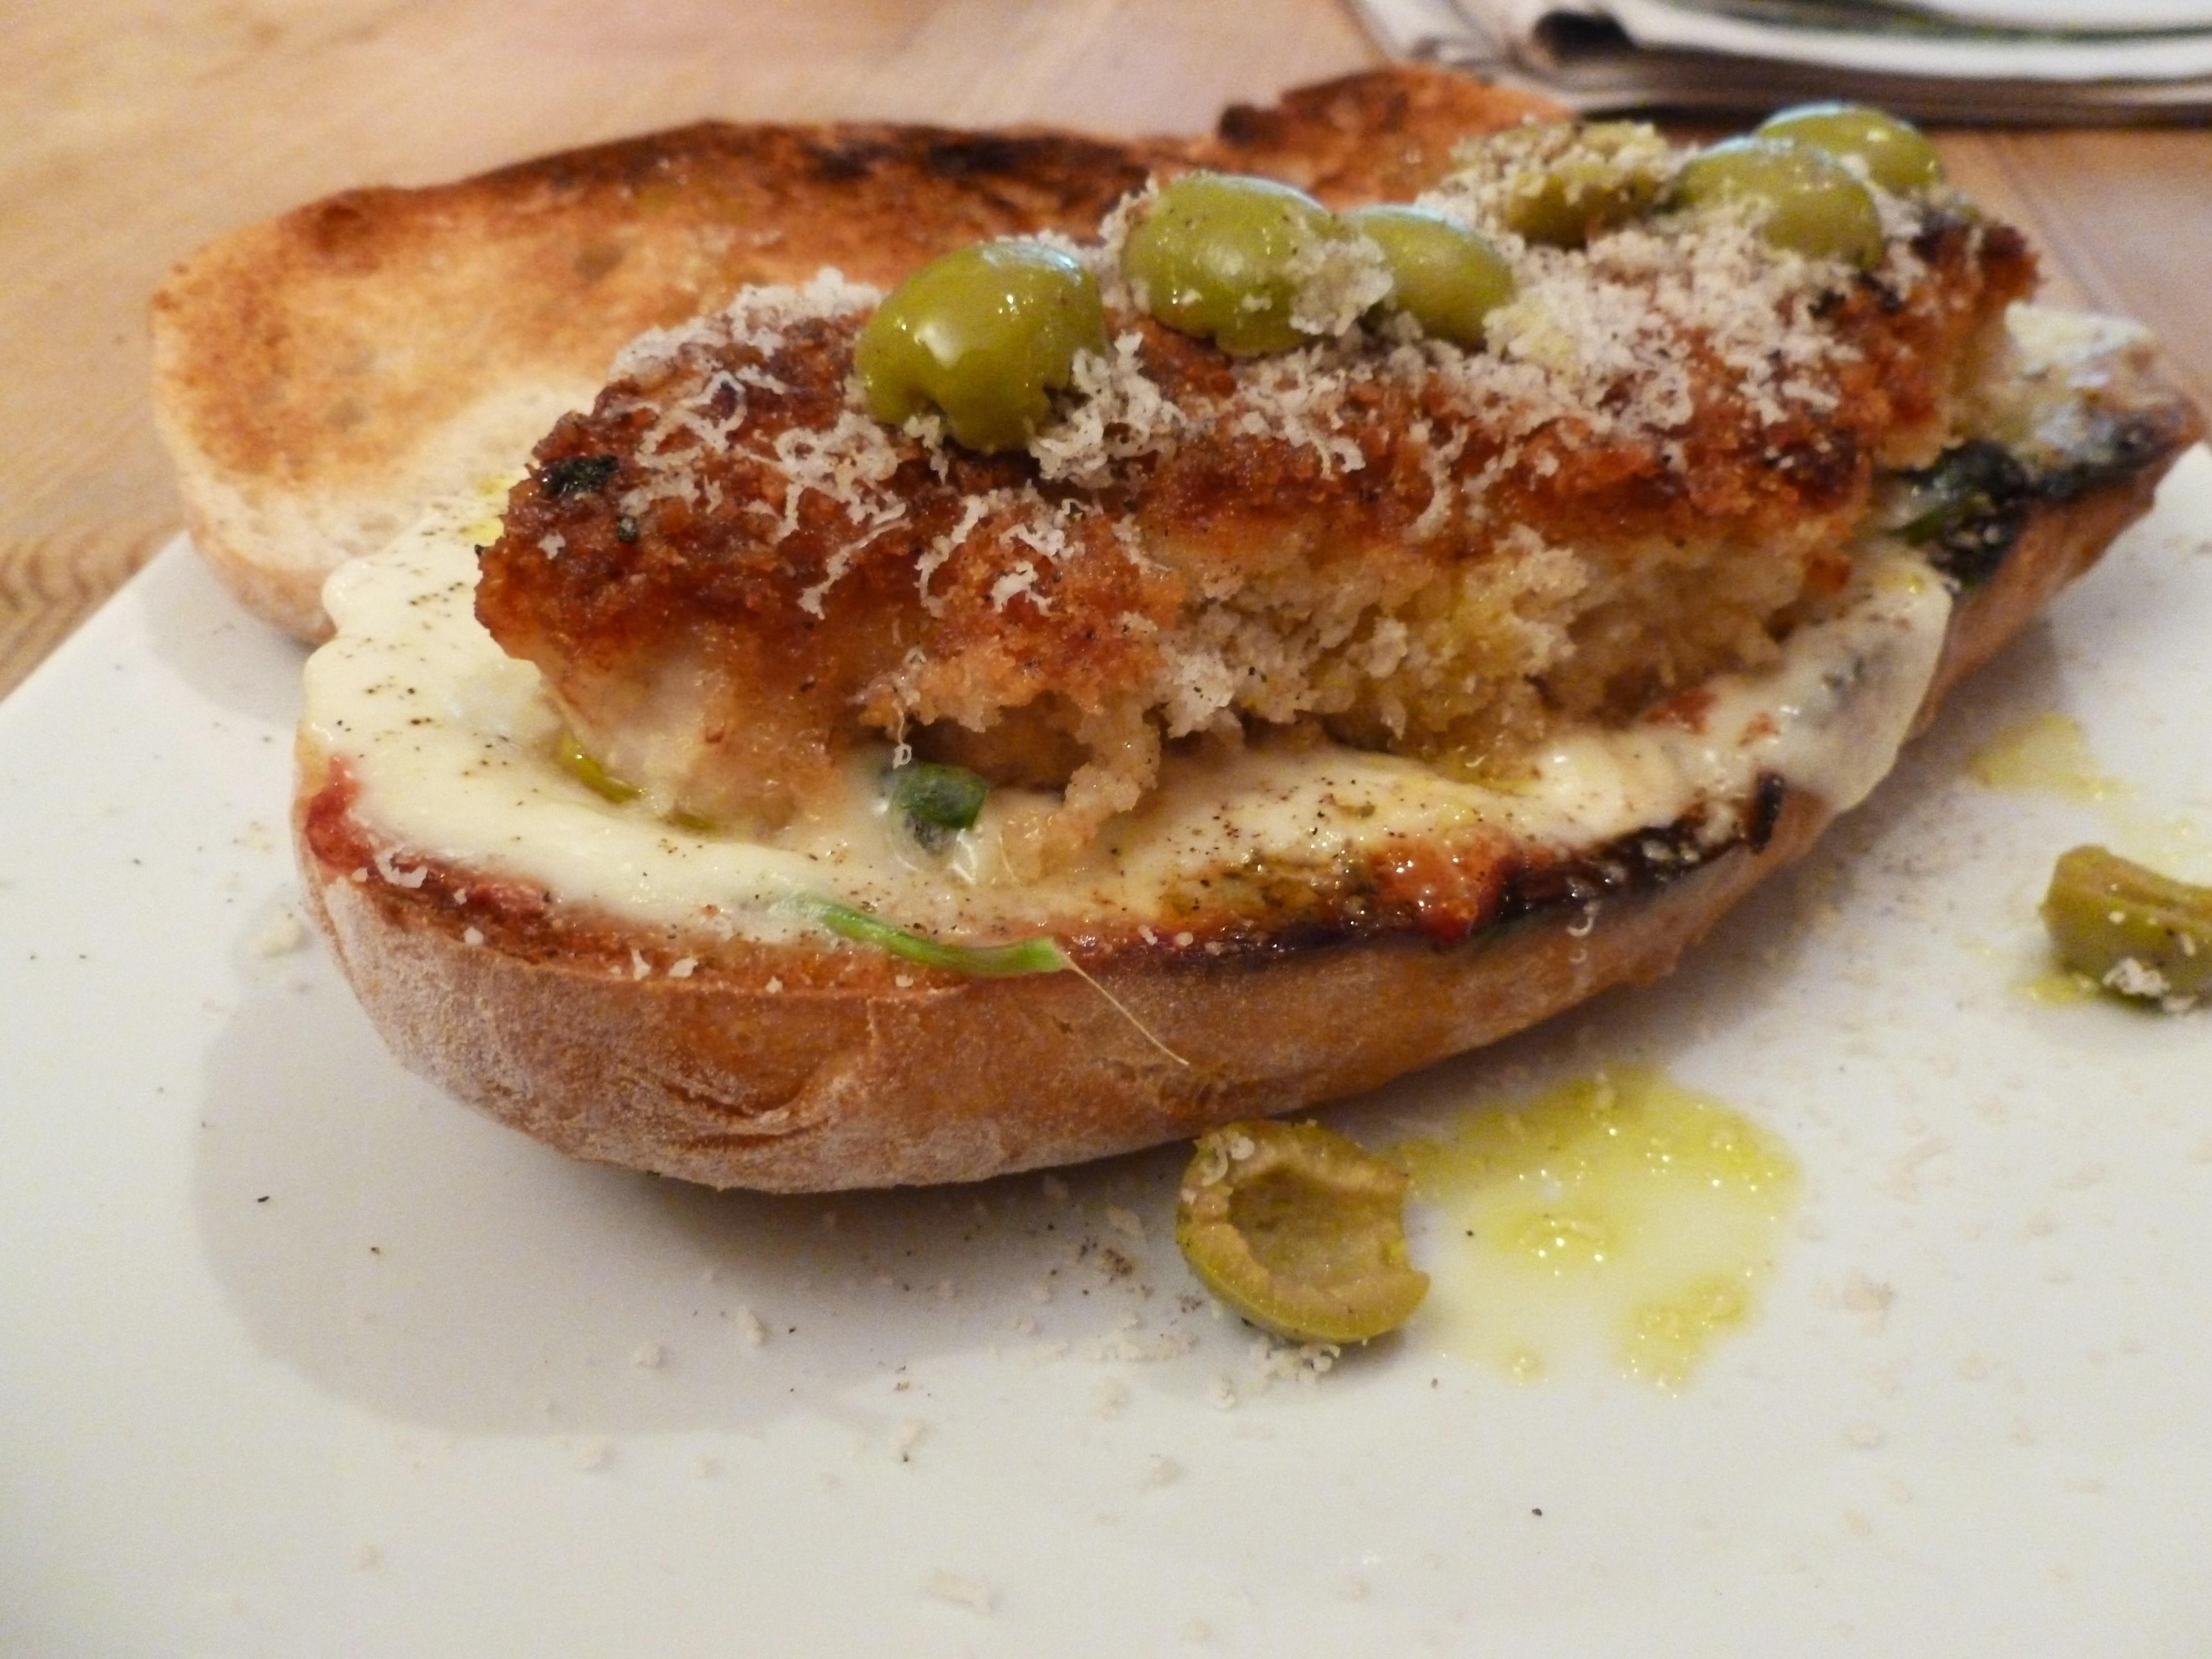 Italian Style Breaded Chicken Sandwich